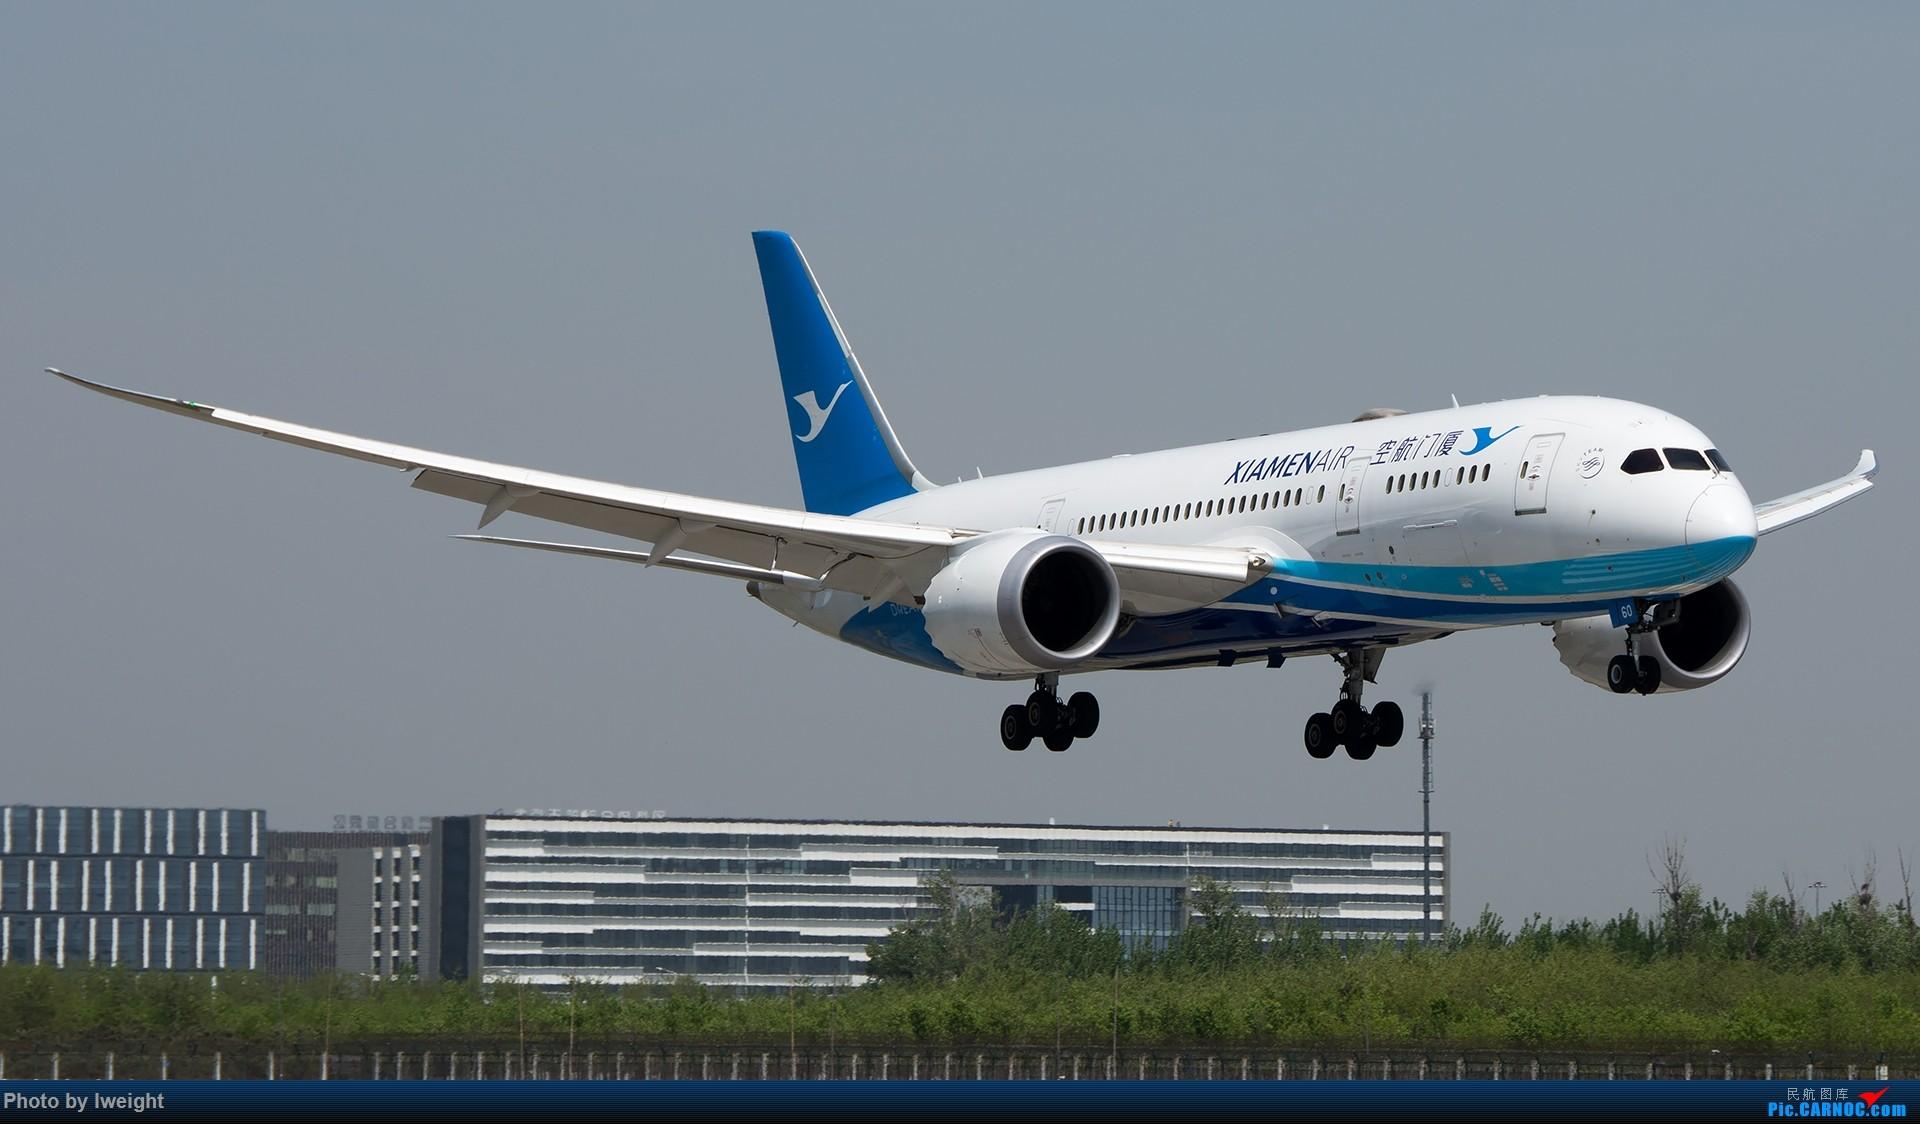 Re:[原创]天气晴朗,继续守候18R【多图】 BOEING 787-8 B-2760 中国北京首都国际机场